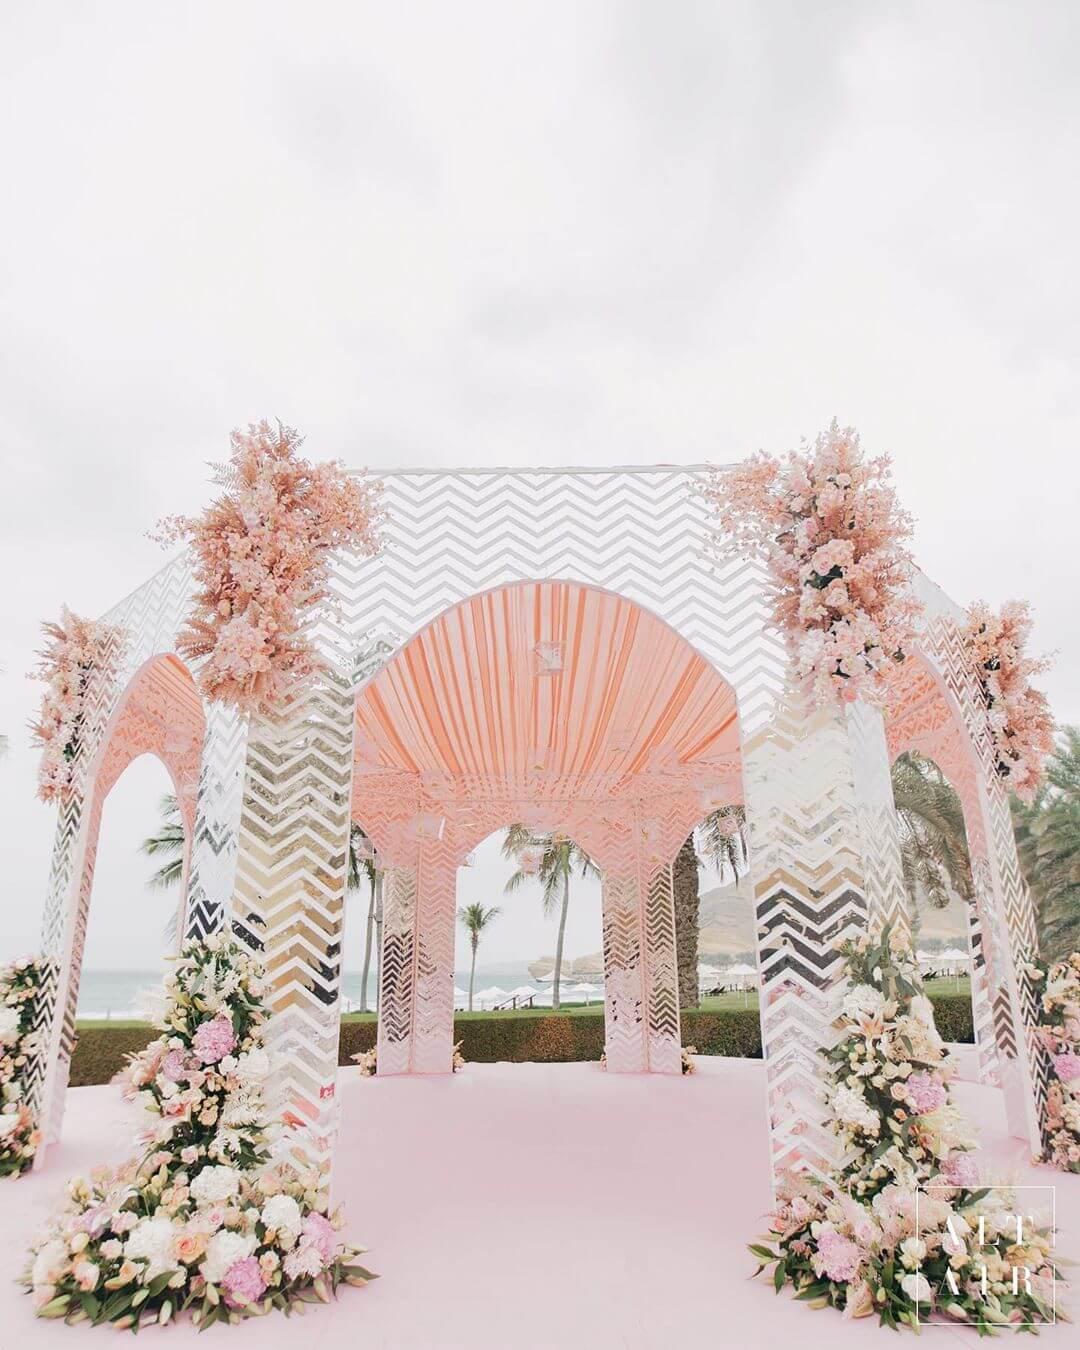 mandap decor ideas, monsoon wedding ideas